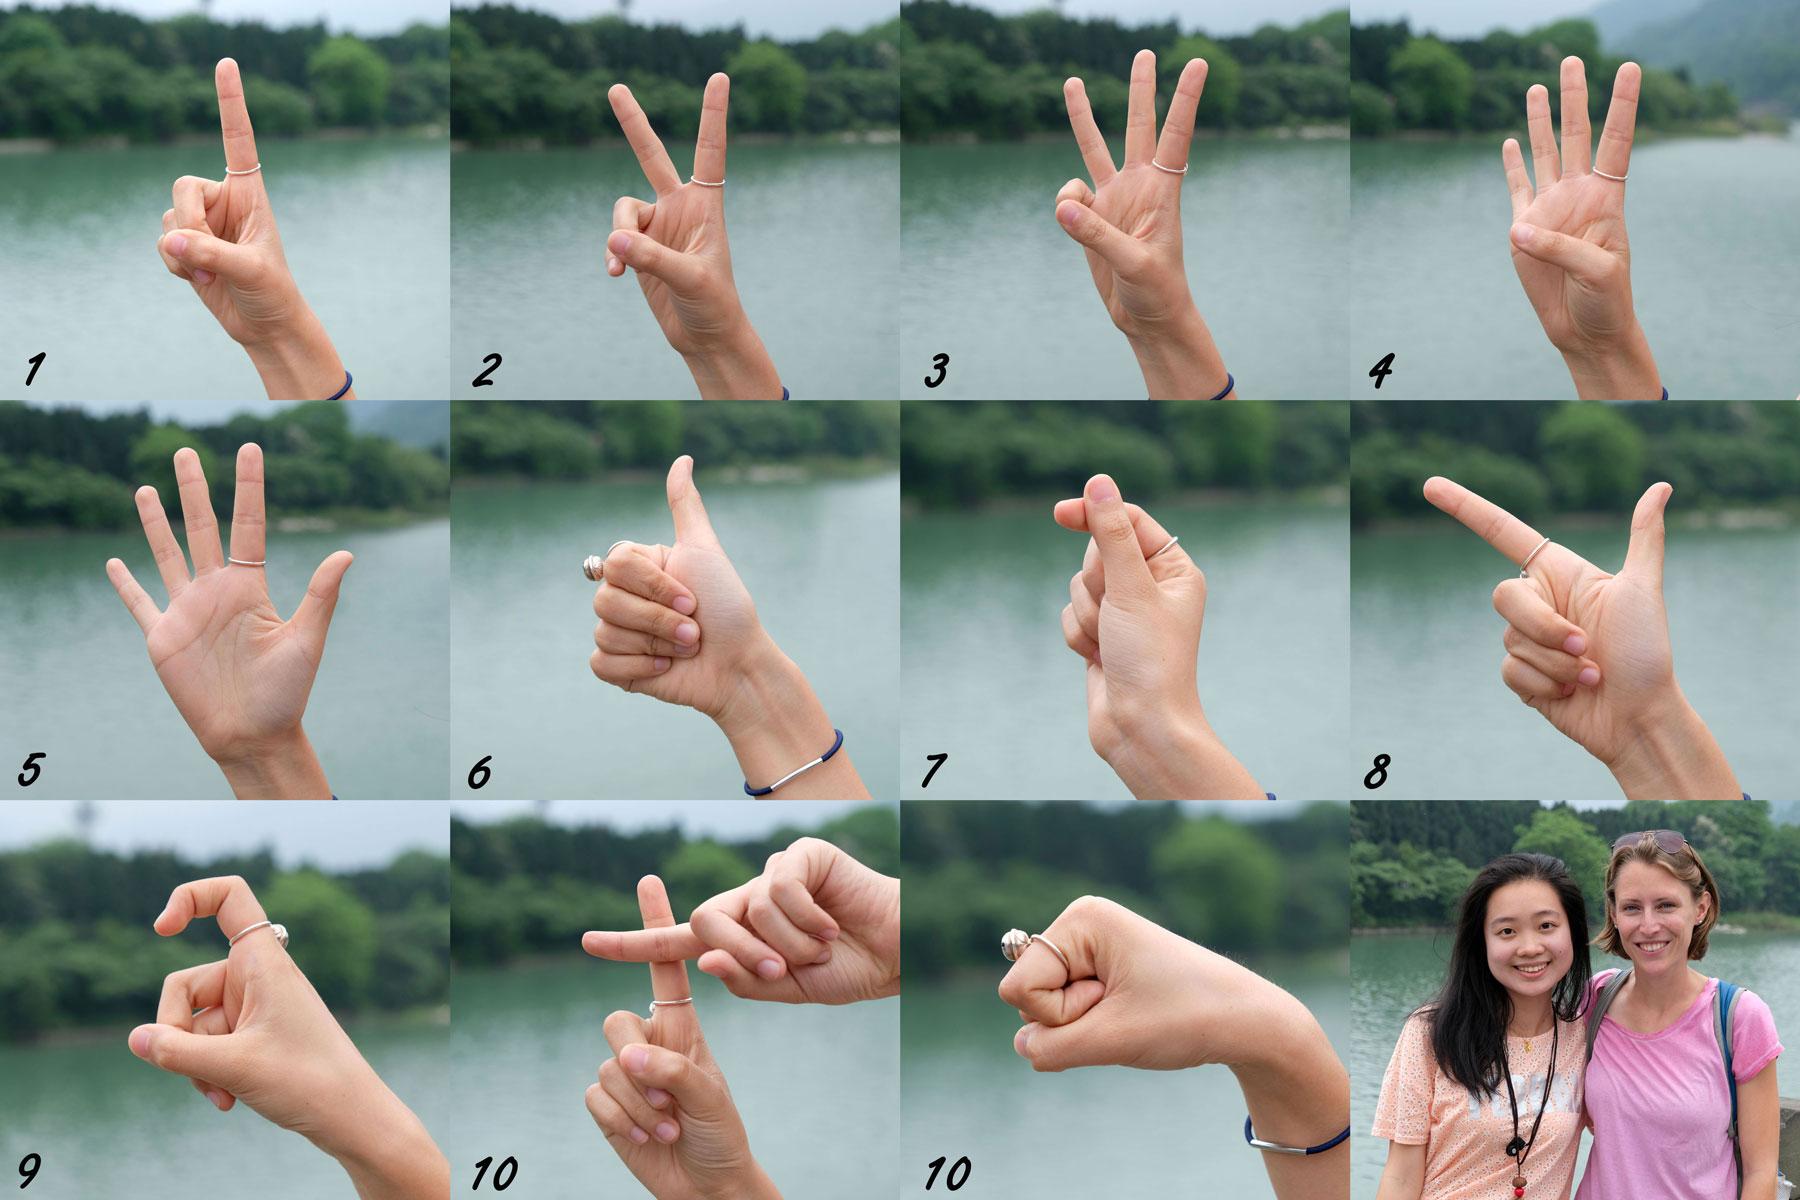 Wenn es keine gemeinsame Sprache mehr gibt, werden die Finger zu einer großen Hilfe. Doch zählt man hier anders (und wir glauben, regional auch unterschiedlich). Danke aus Nancy aus Chongqing, die uns die dort üblichen Zahlen von 1-10 gezeigt hat. Die 10 gibt es übrigens in zwei Varianten, wobei uns die erste häufiger begegnet.